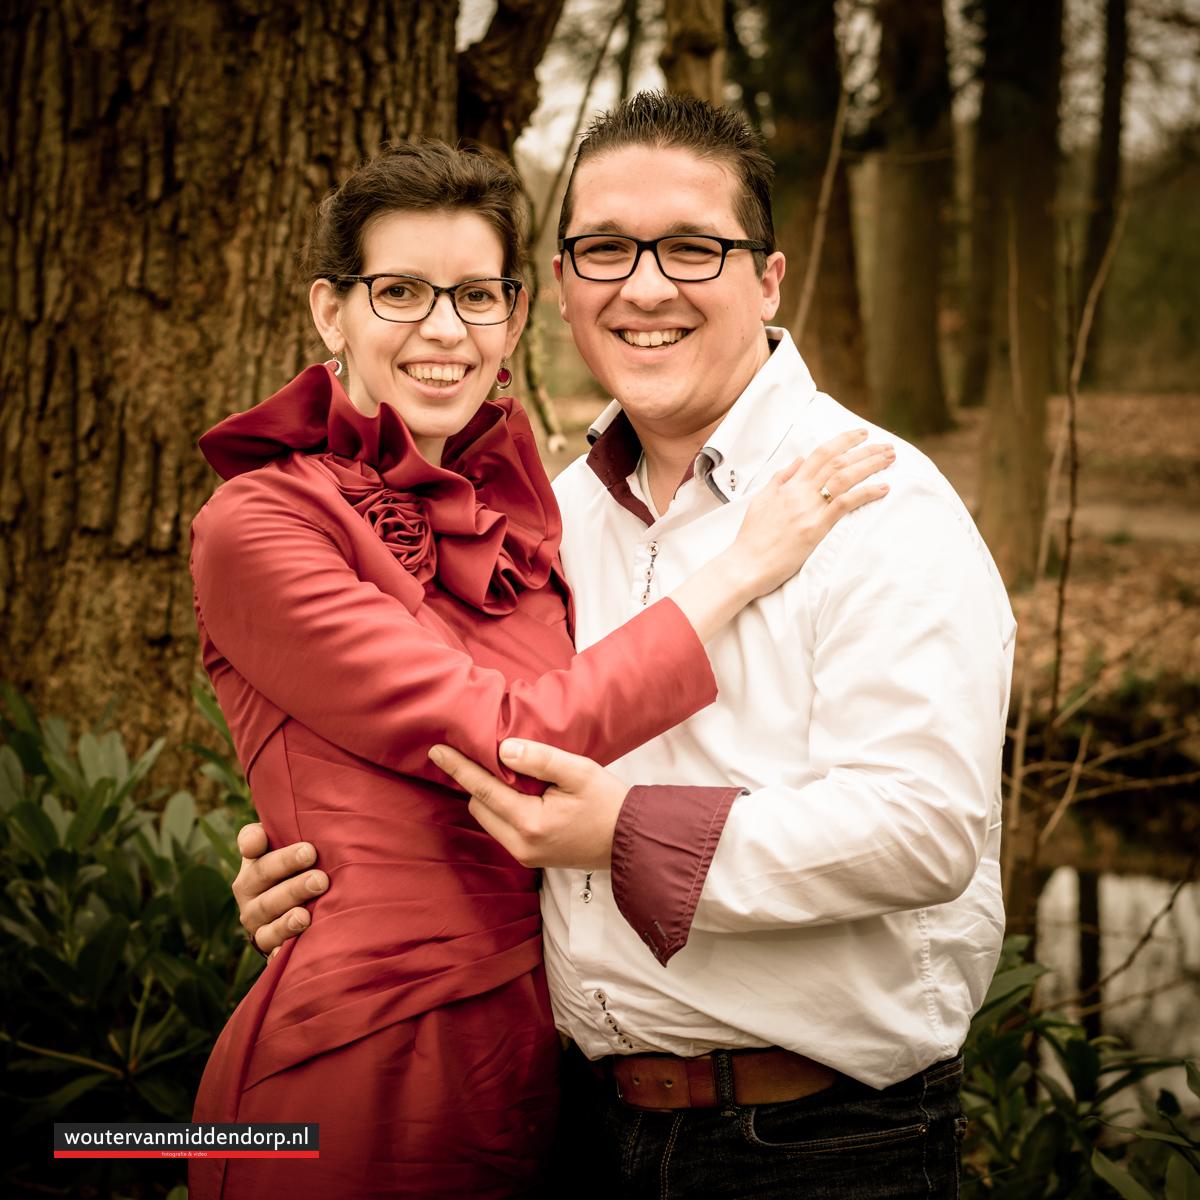 Loveshoot Wouter van Middendorp fotografie